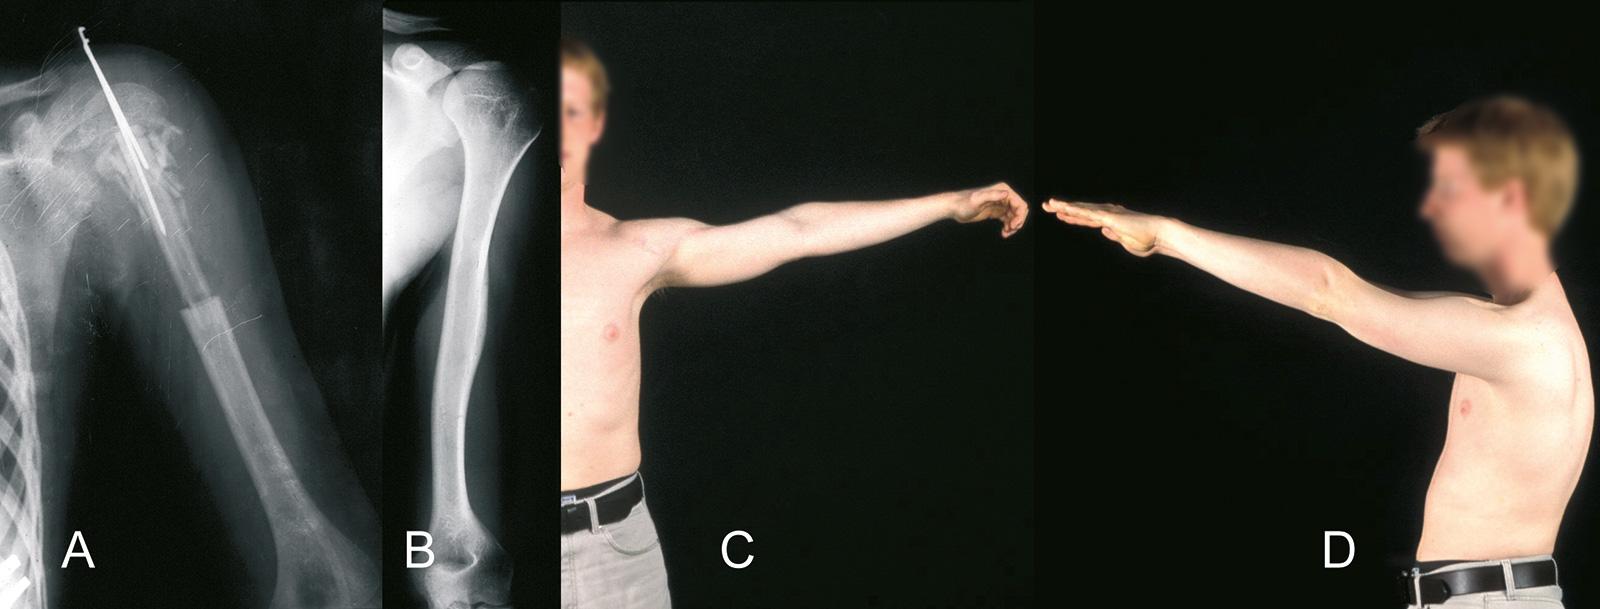 Abb. 8-19: Defektrekonstruktion mit einer gefäßgestielten Fibula (A), Hypertrophie des Transplantates (B) und funktionelles Ergebnis (C-D) 3 Jahre nach der Operation (A,B: Eigentum des Instituts für Klinische Radiologie der Universität Münster)